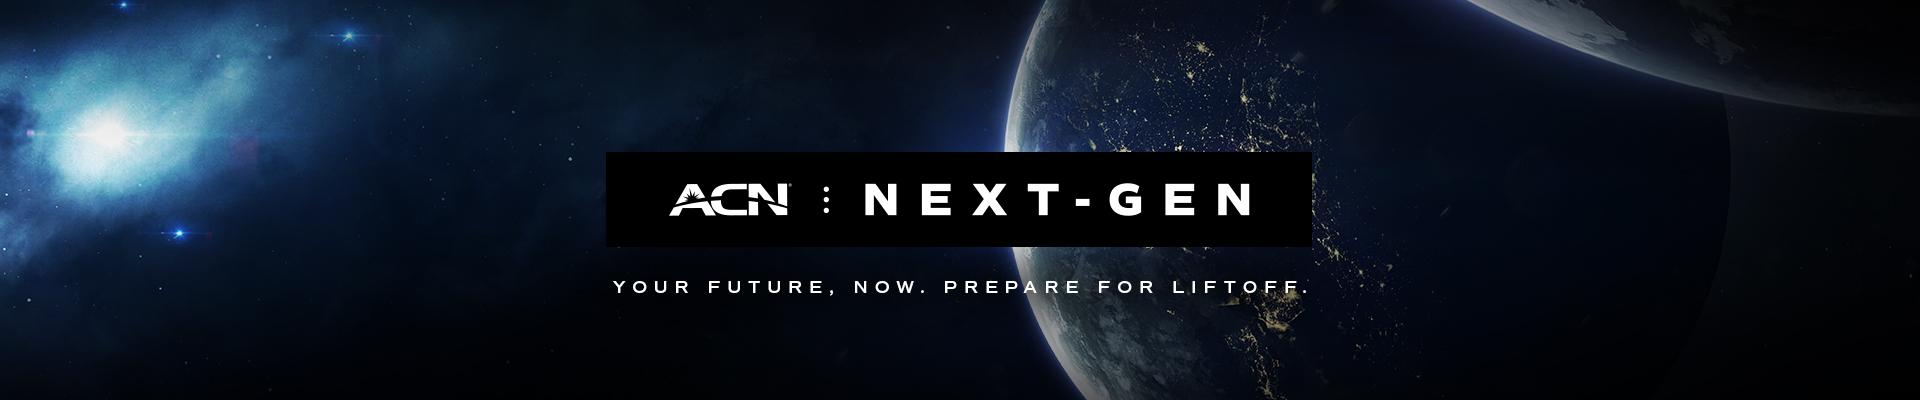 NEXT-GEN_Compass_ENG-3